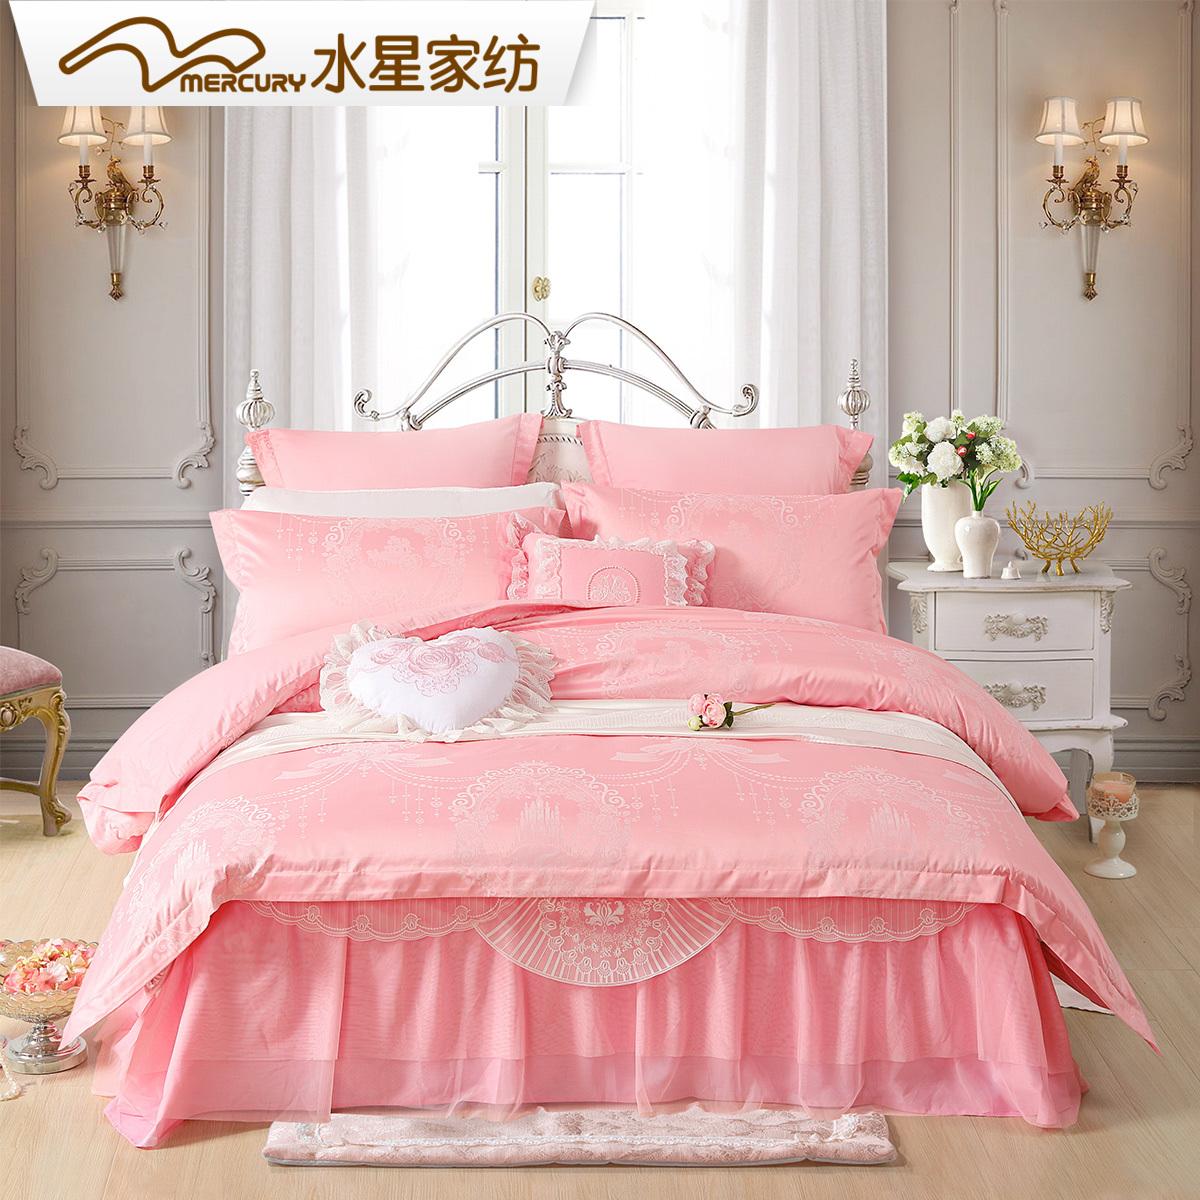 水星家纺婚庆竹棉提花六件套爱之嫁衣浪漫粉色结婚套件床上用品